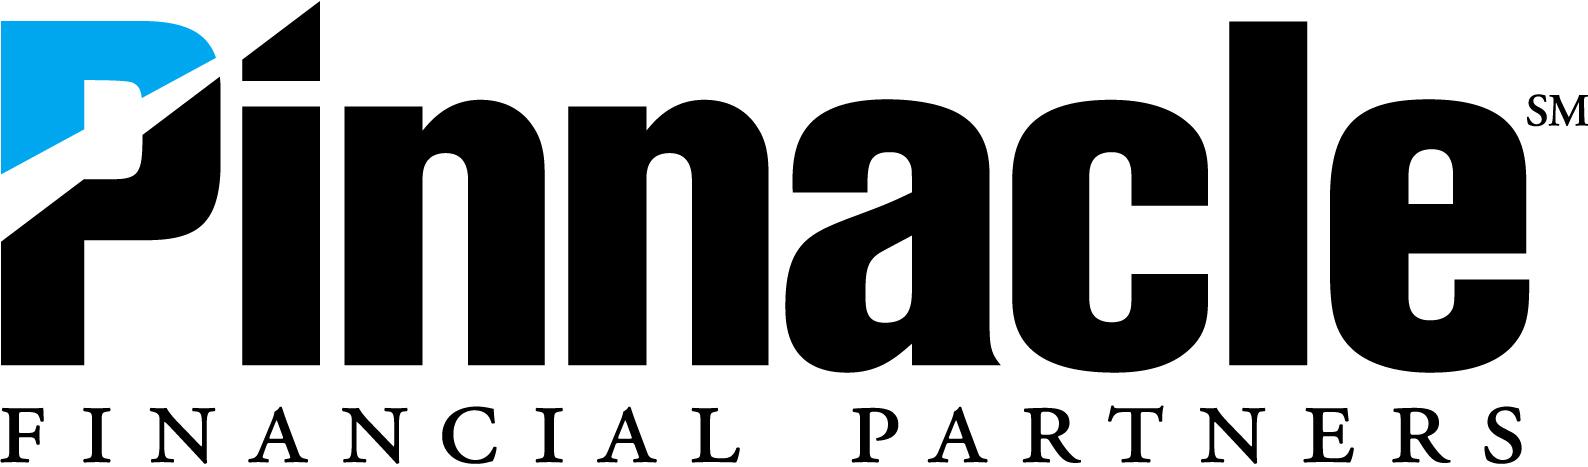 Pinnacle Financial Partners Color (1) (1).JPG